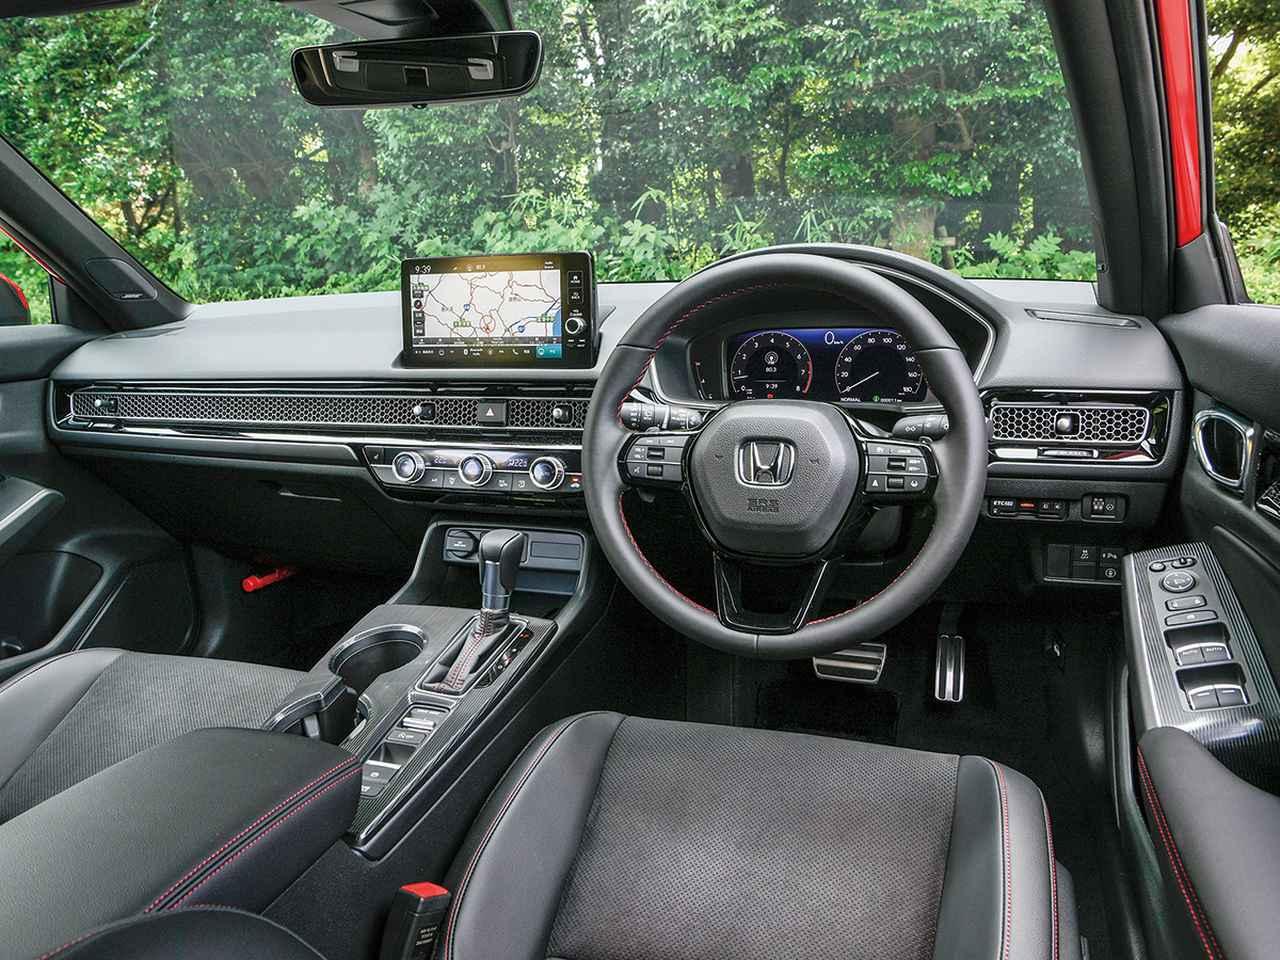 画像: 水平基調のインパネ。CVTのシフトレバーはドライバー側に5度傾けられカップホルダーを並列させている。